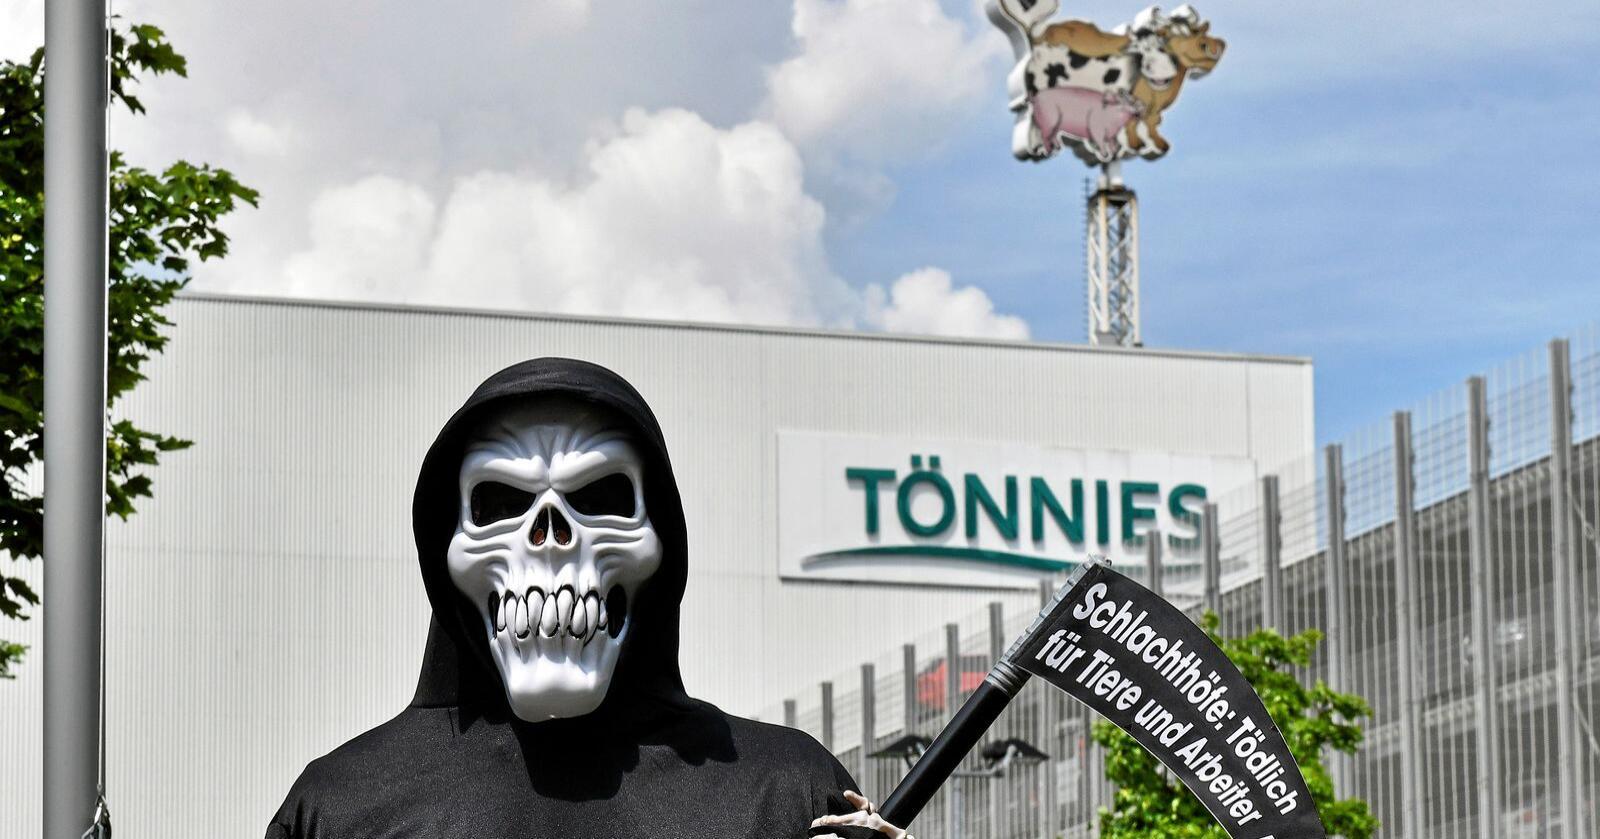 Dødelig for dyr og mennesker: Mange protester mot smittebomben Tönnies. Foto: Martin Meissner / AP / NTB scanpix